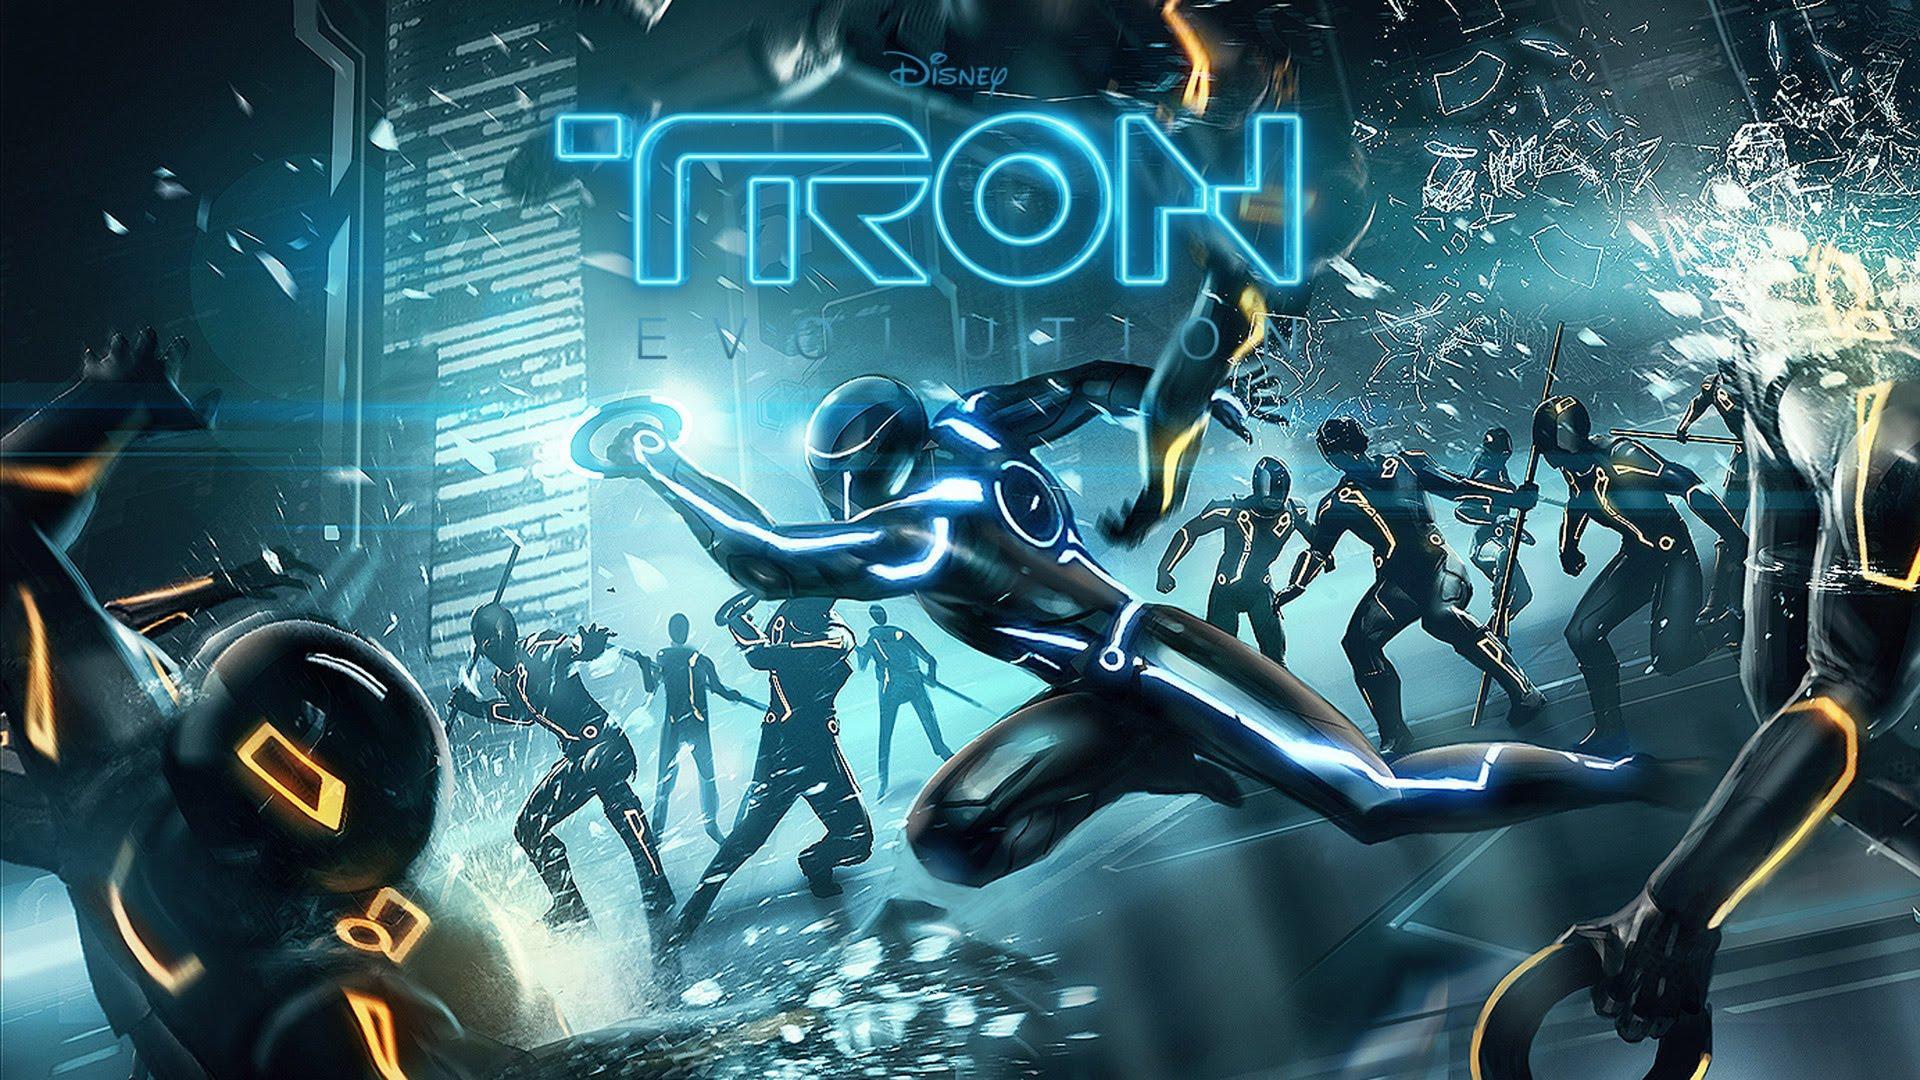 Tron: Evolution Backgrounds, Compatible - PC, Mobile, Gadgets| 1920x1080 px